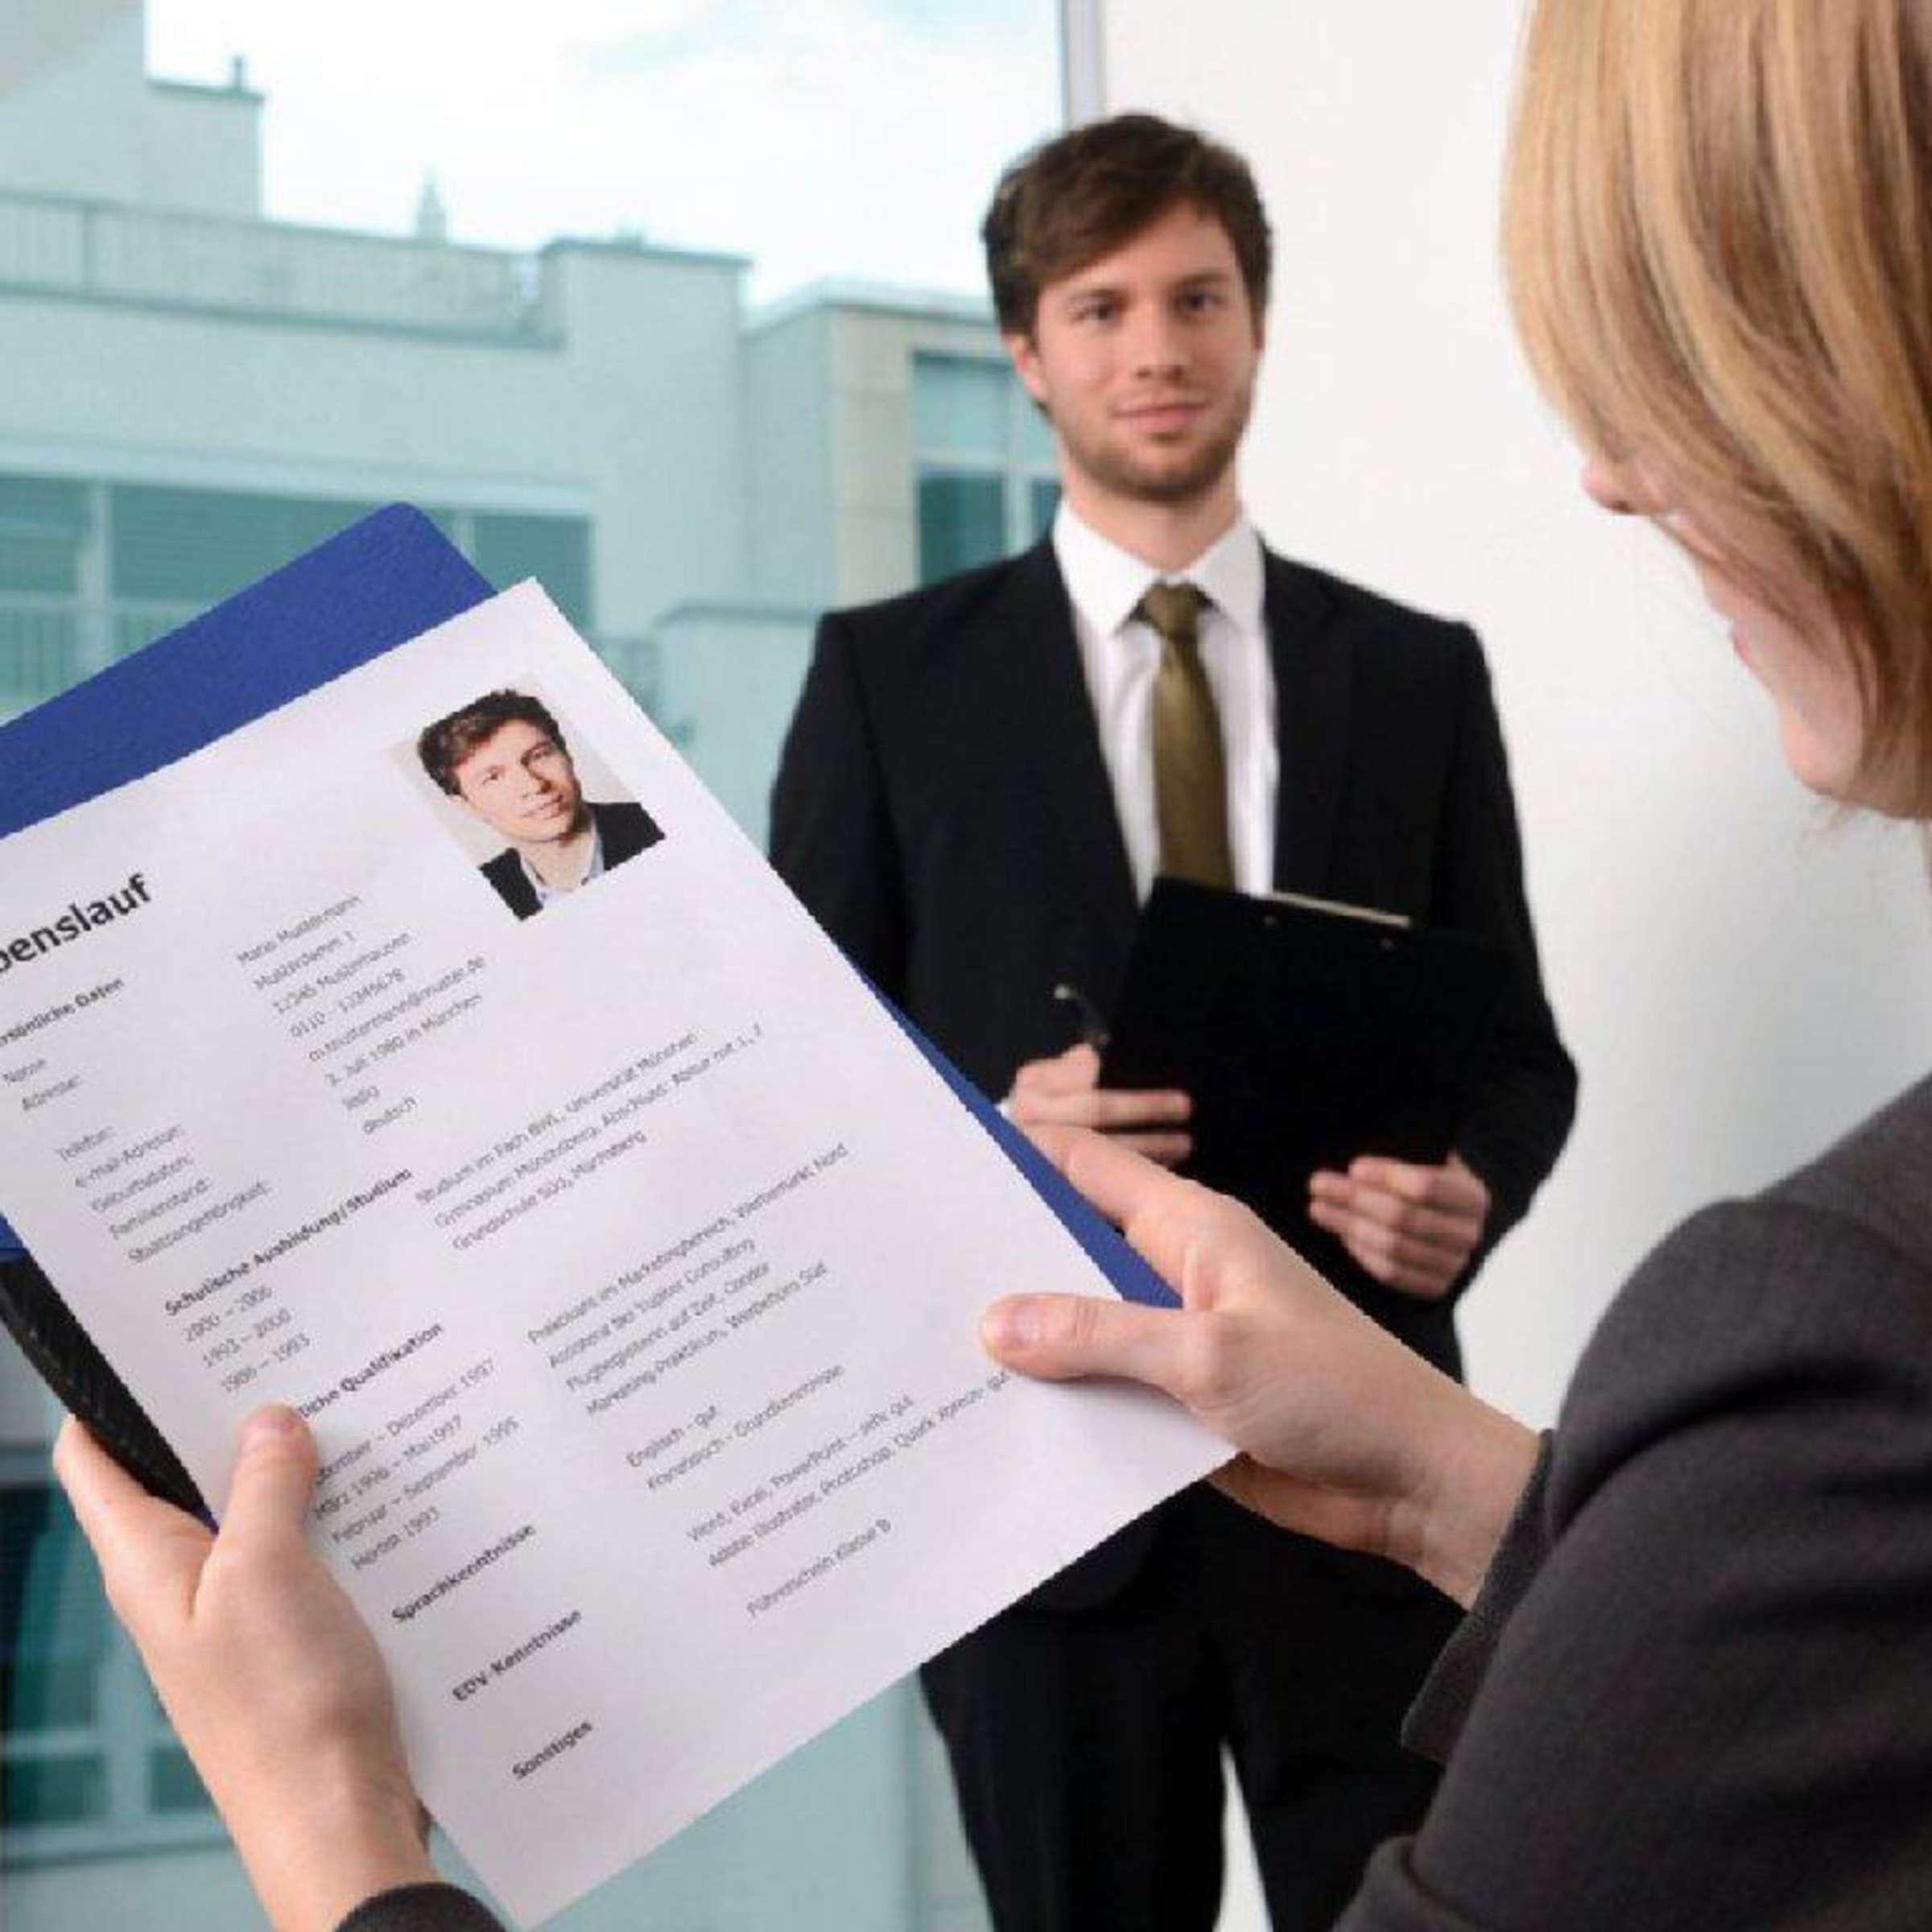 Neun Tipps Fur Das Bewerbungsgesprach Karriere